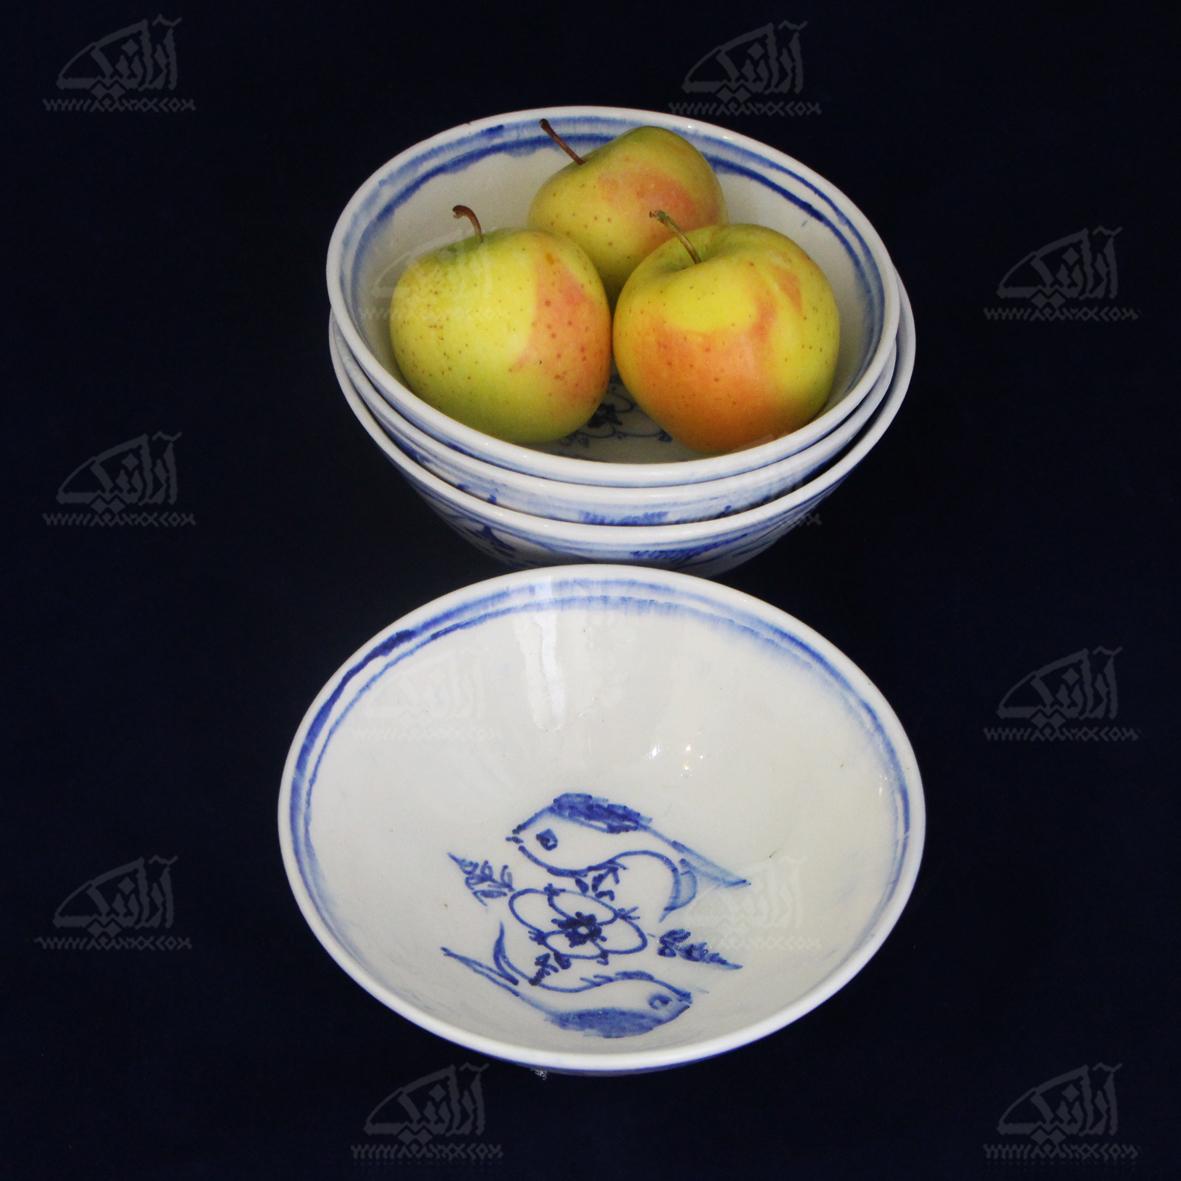 کاسه بشقاب سفالی نقاشی زیر لعابی    رنگ سفید  طرح ماهی  مدل 1003700008 main 1 3